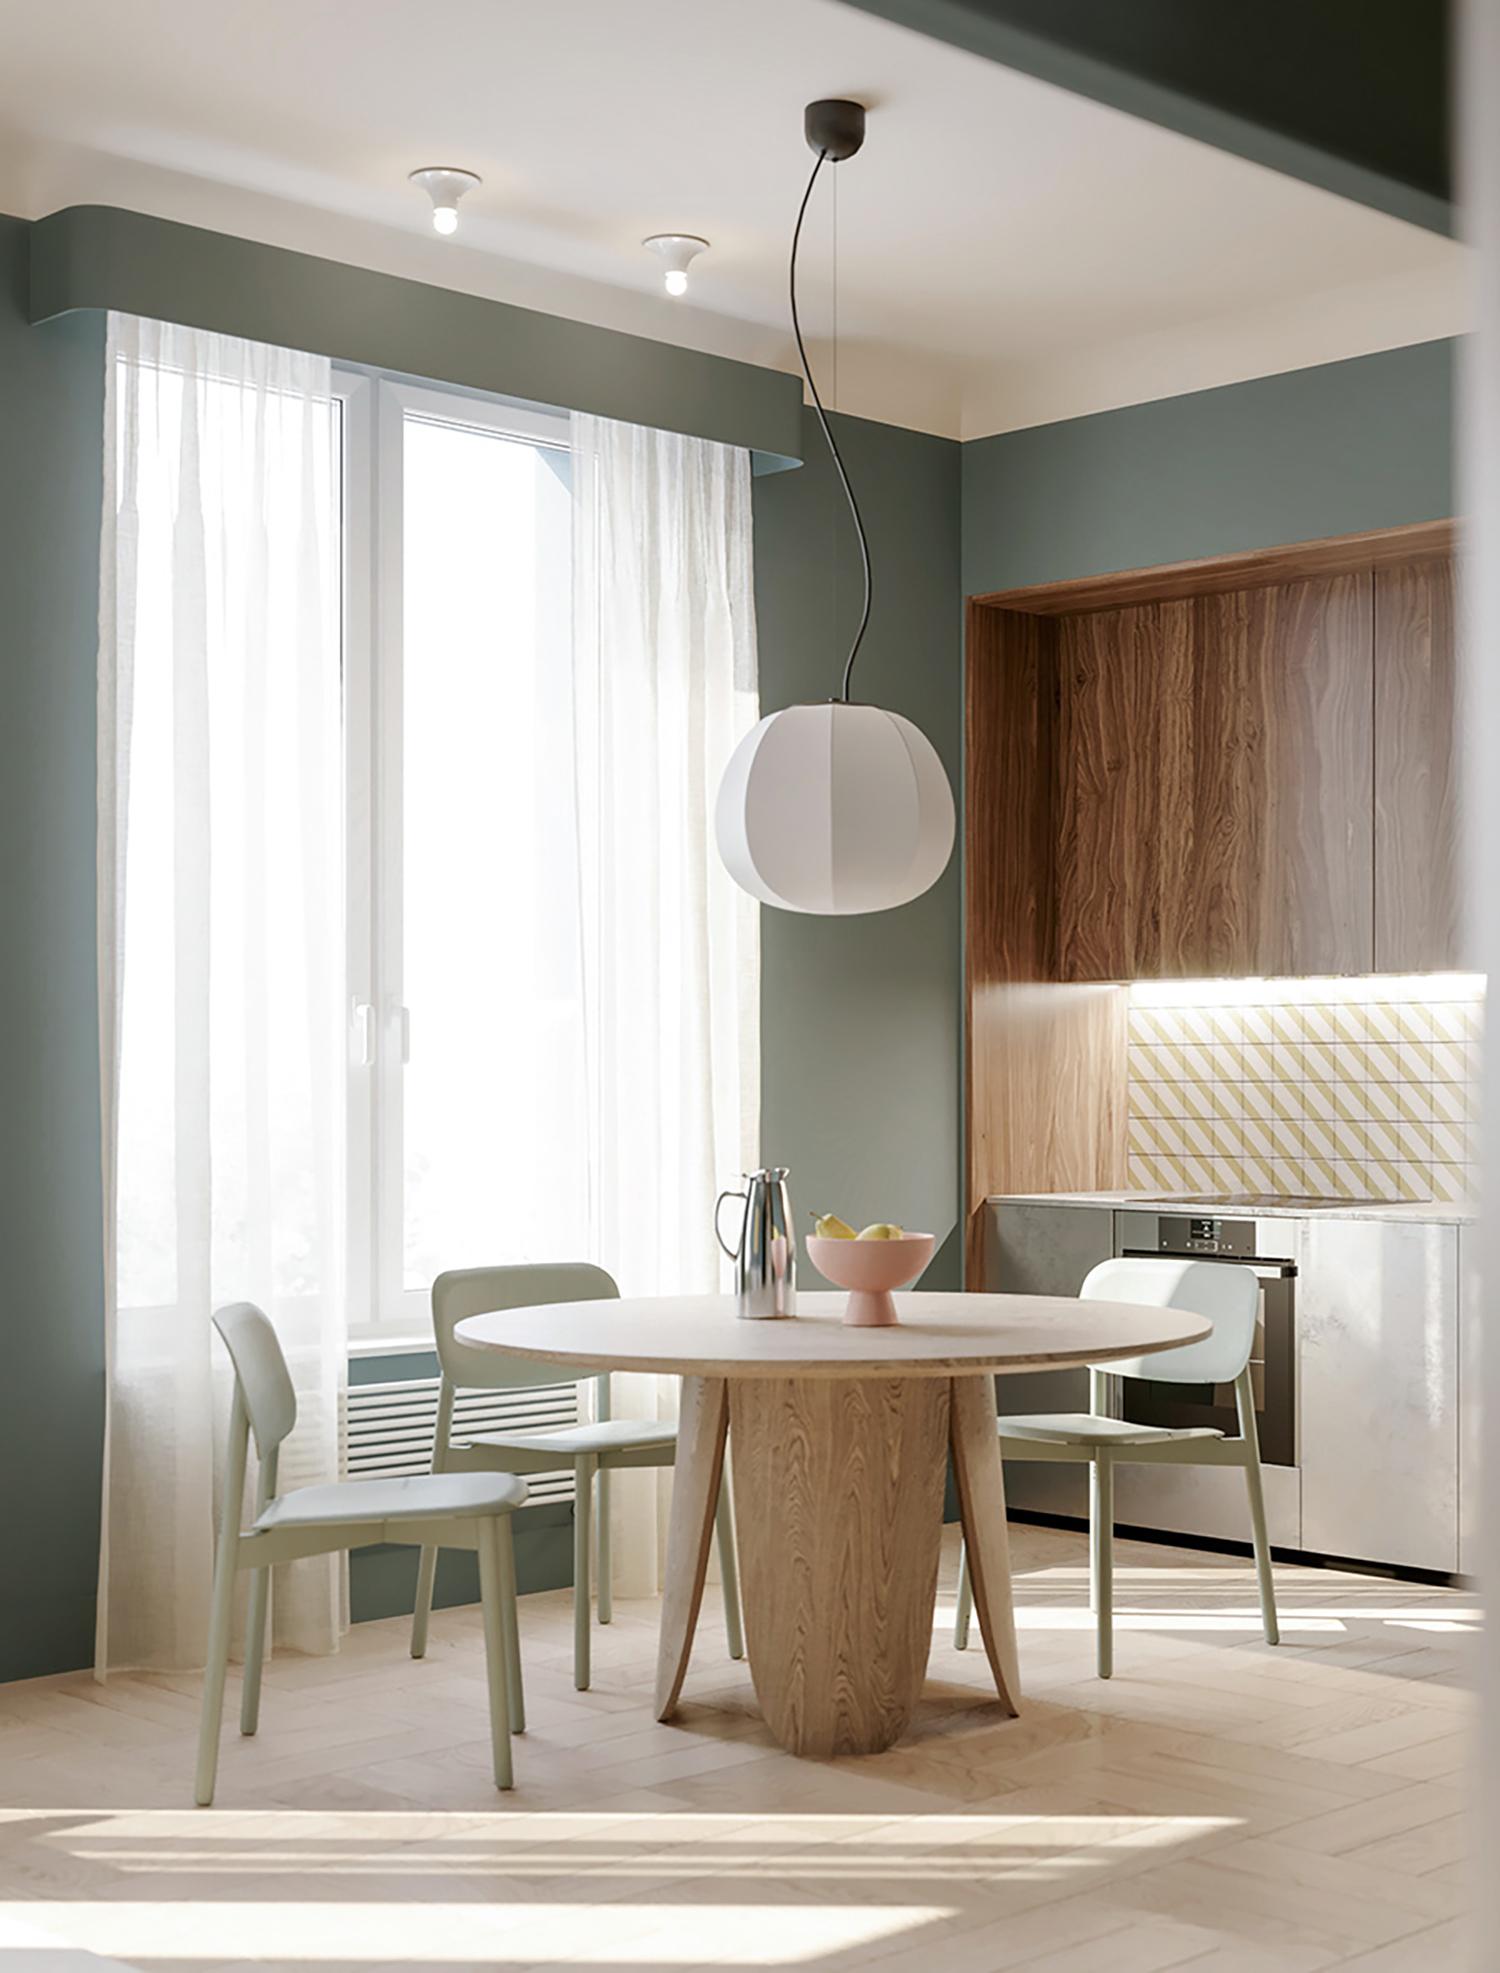 Kiến trúc sư tư vấn thiết kế căn hộ 67m² dành cho cô gái độc thân chi phí 98,3 triệu đồng  - Ảnh 7.